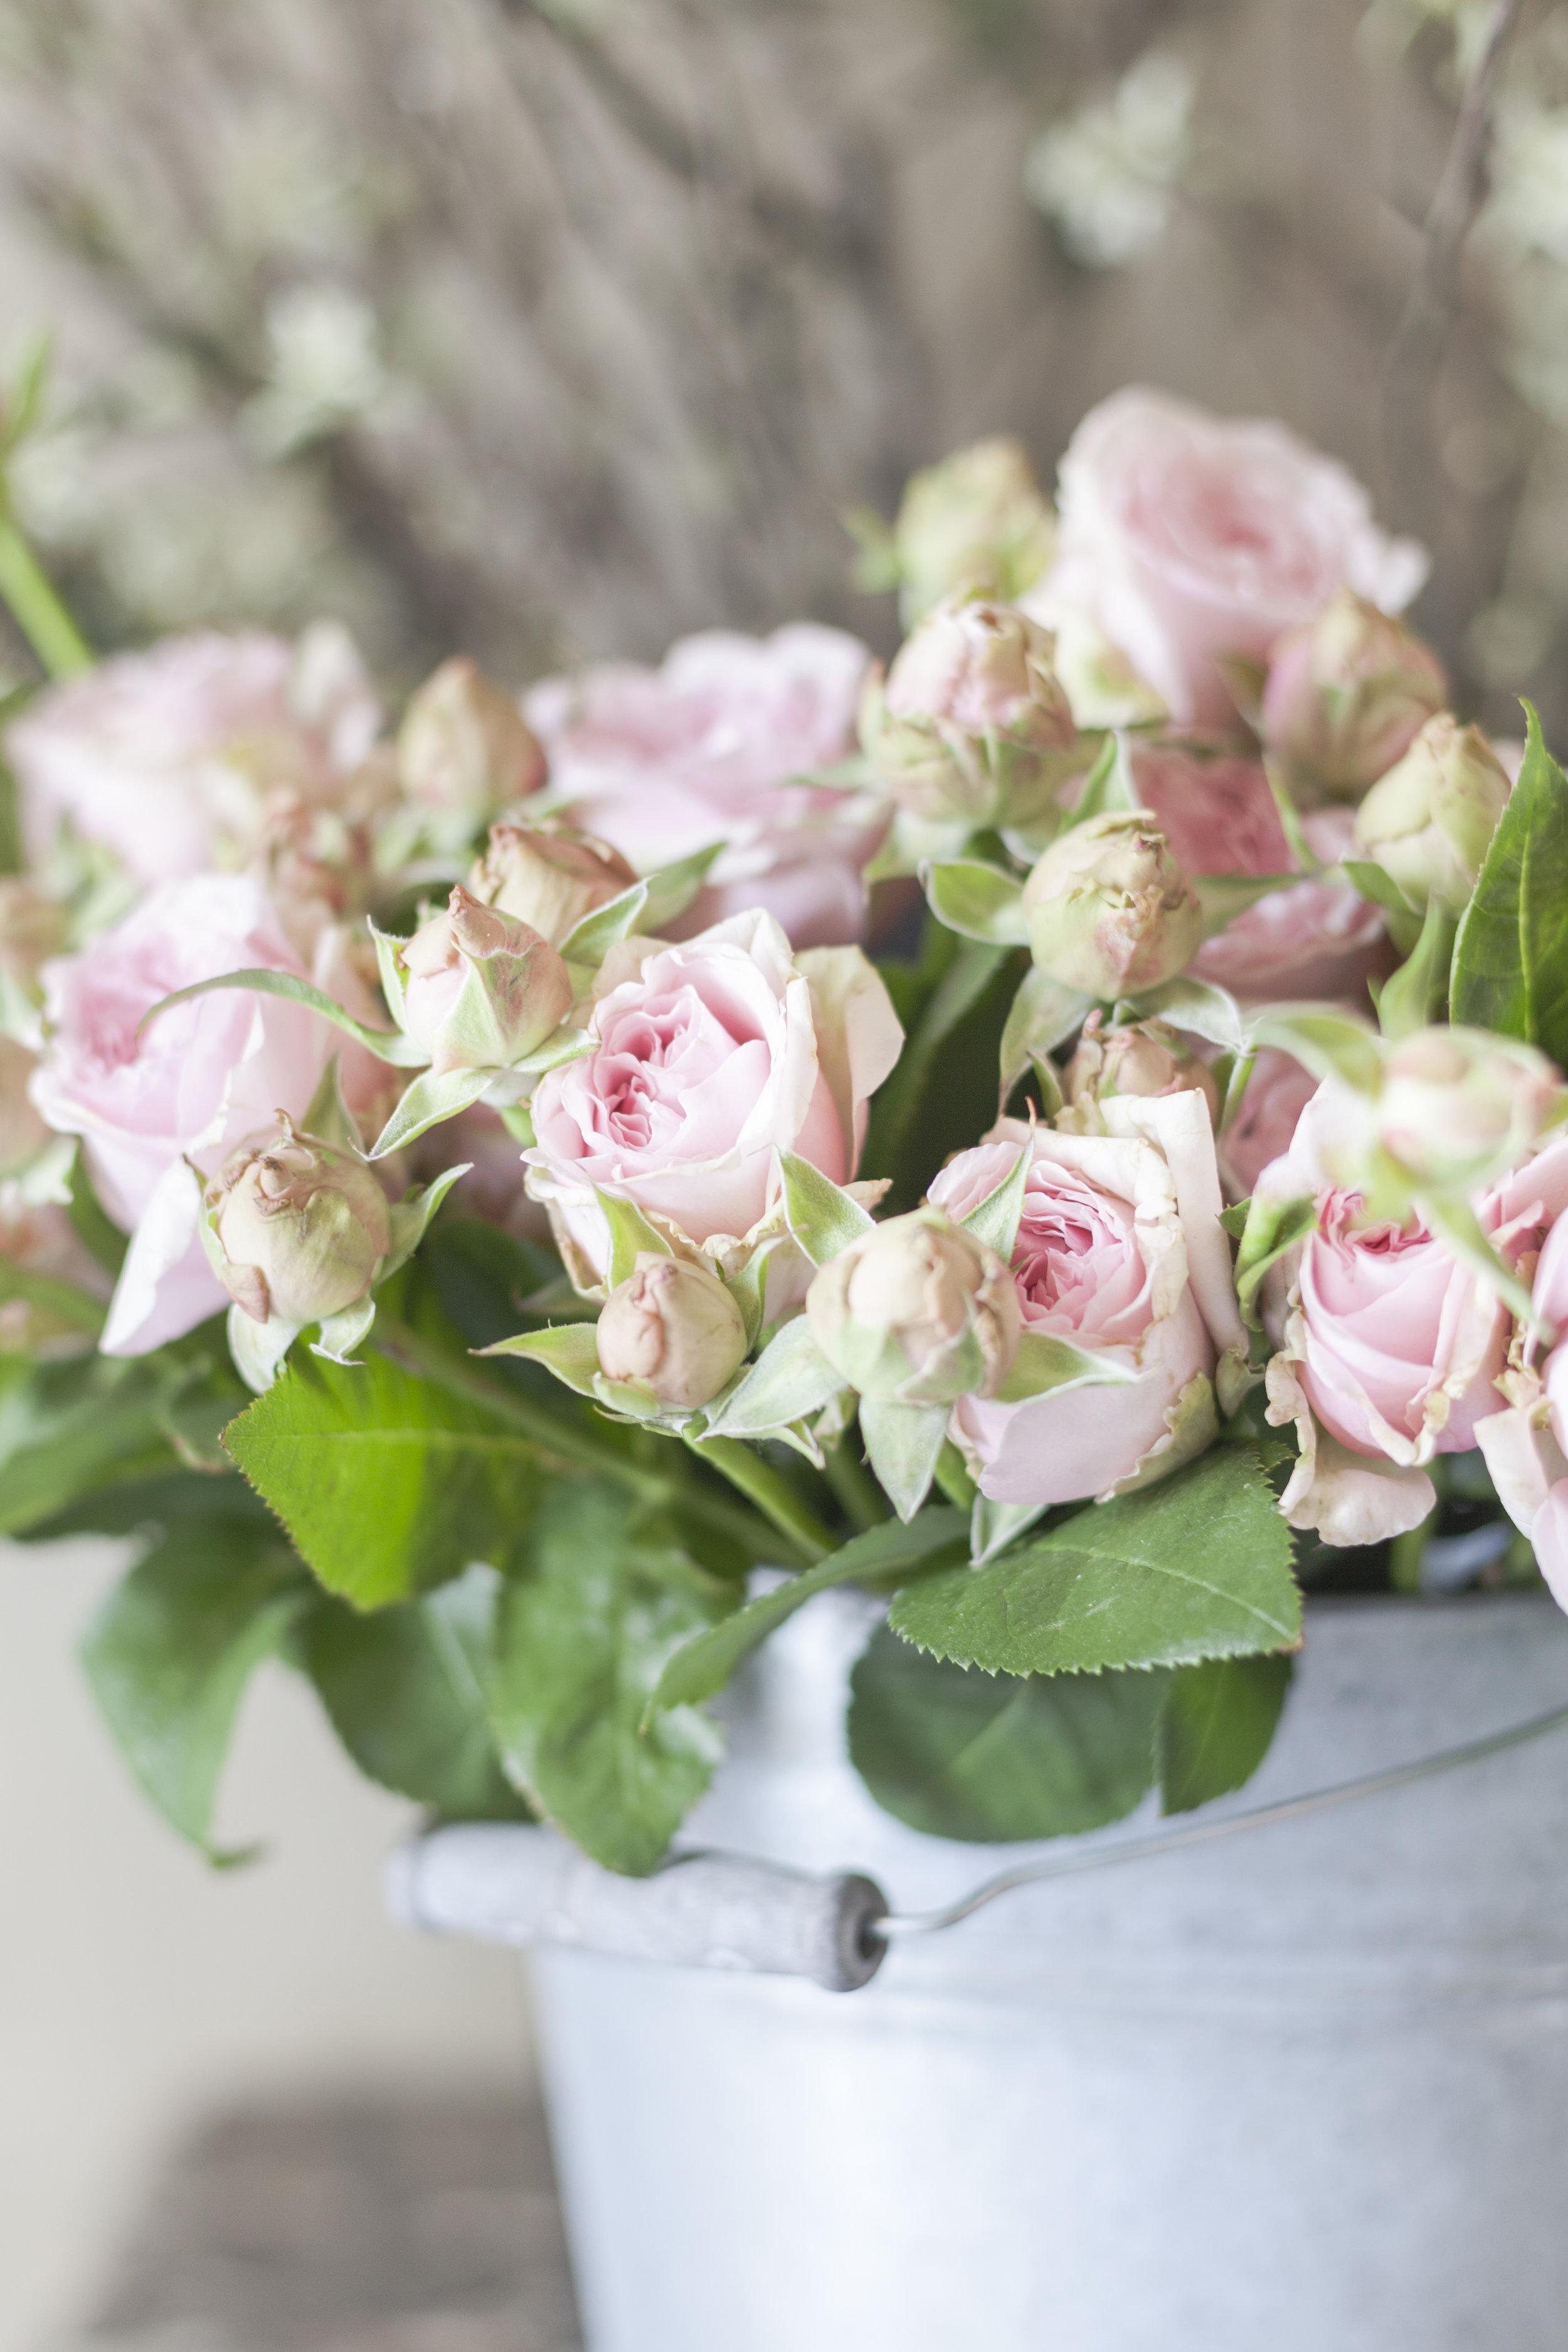 france-provence-floral-workshop-sandra-sigman-pink-roses.jpg